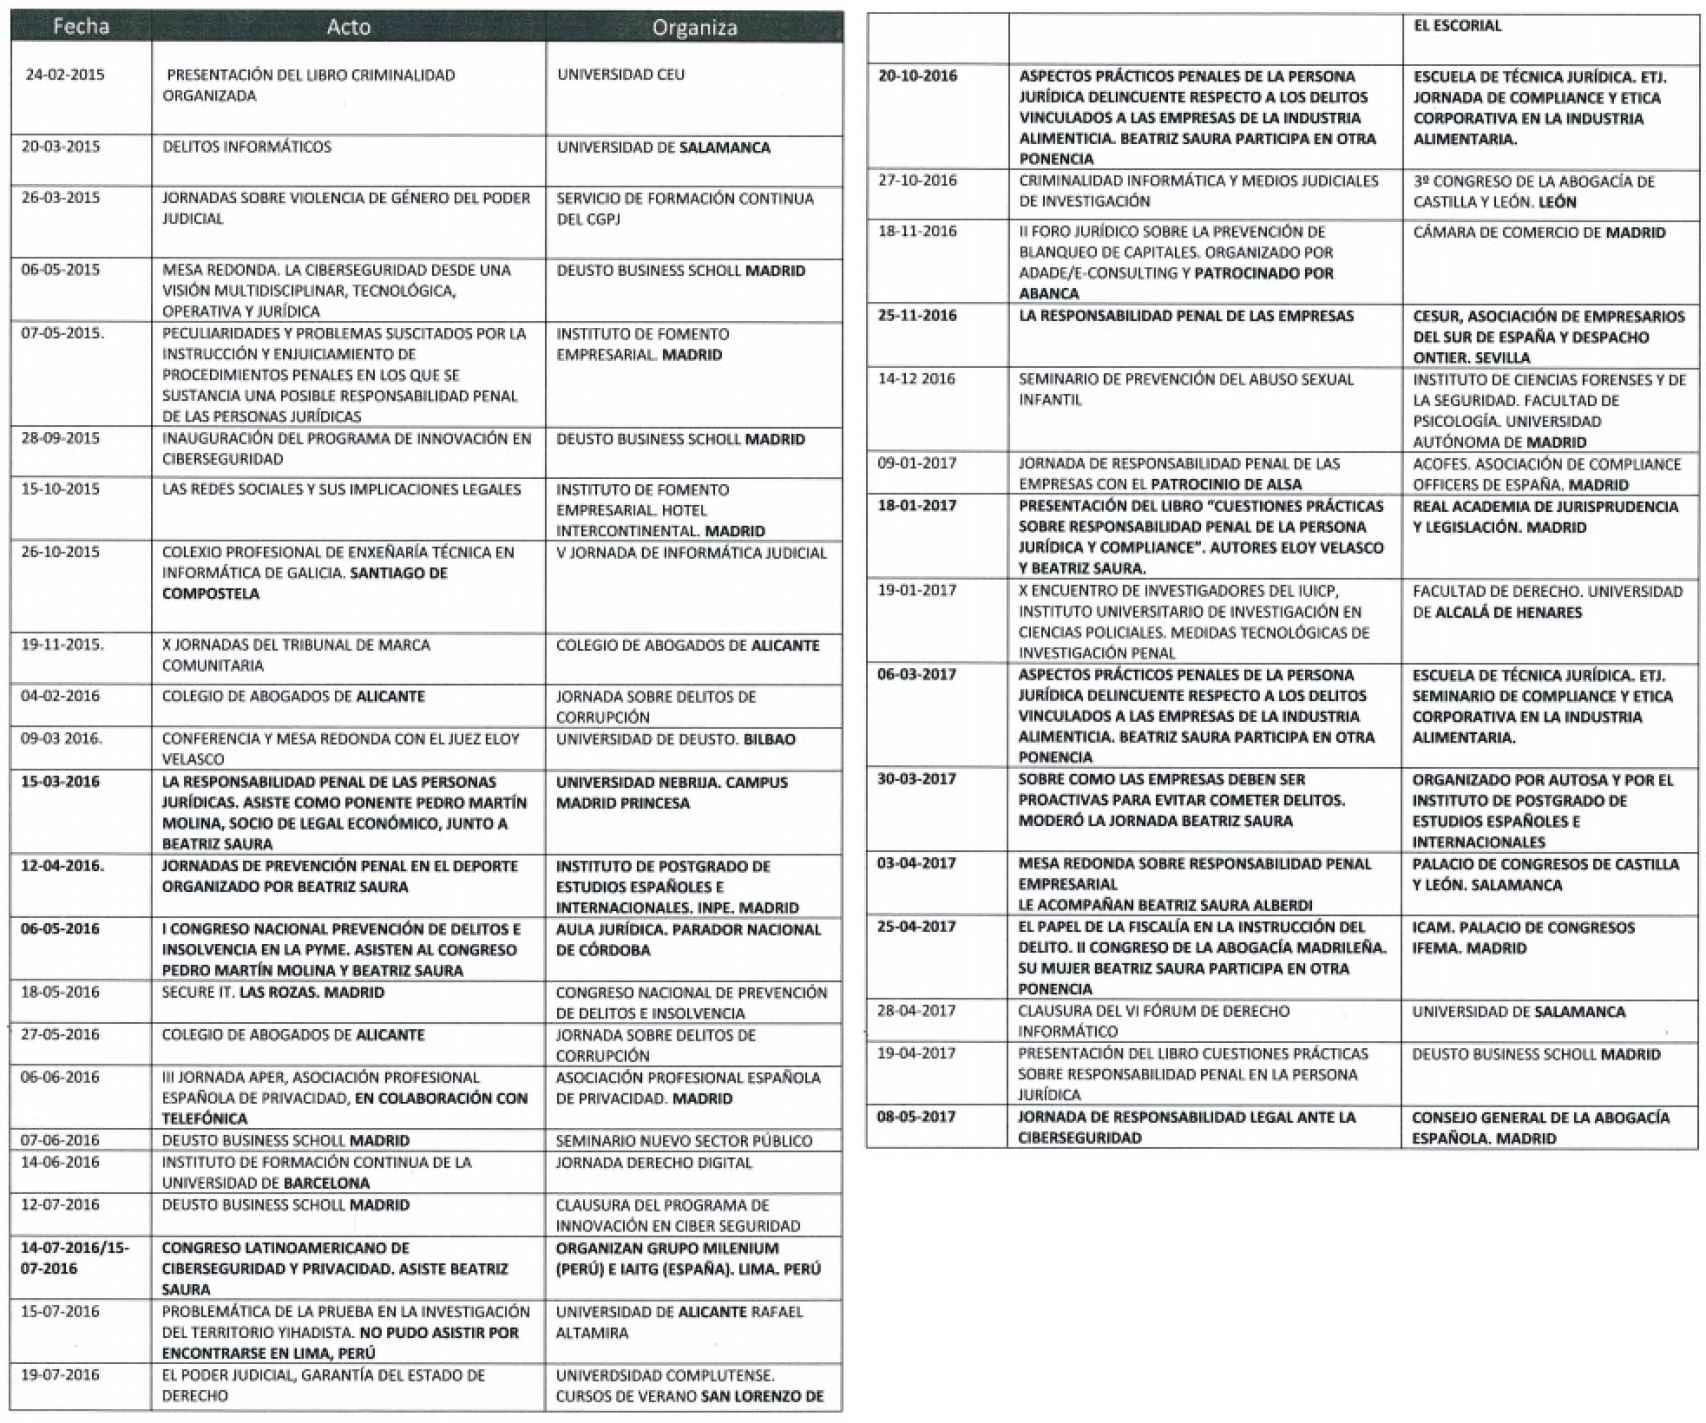 Calendario de actos en los que ha participado el juez Velasco desde 2015.